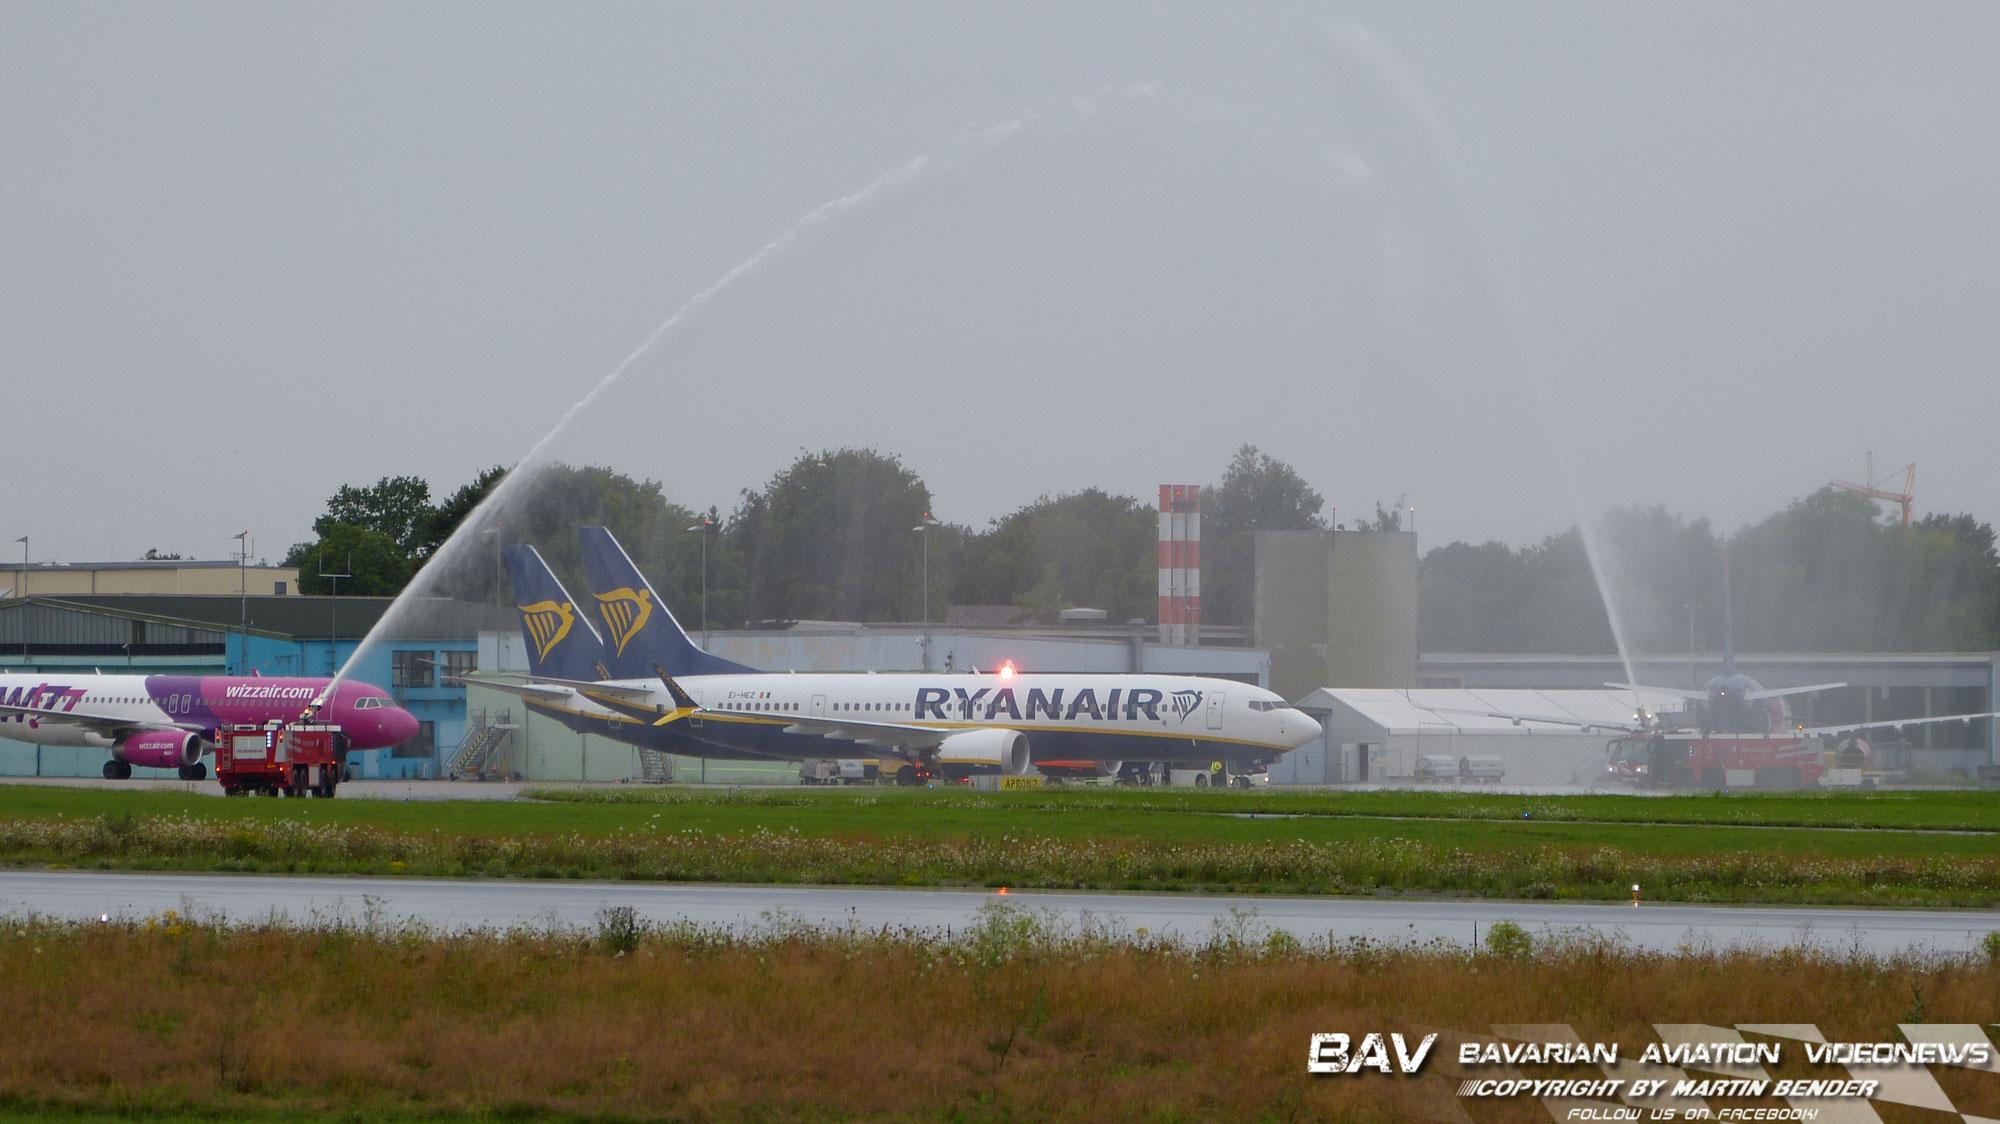 Ryainair 737-8-200 MAX Erstlandung in Memmingen